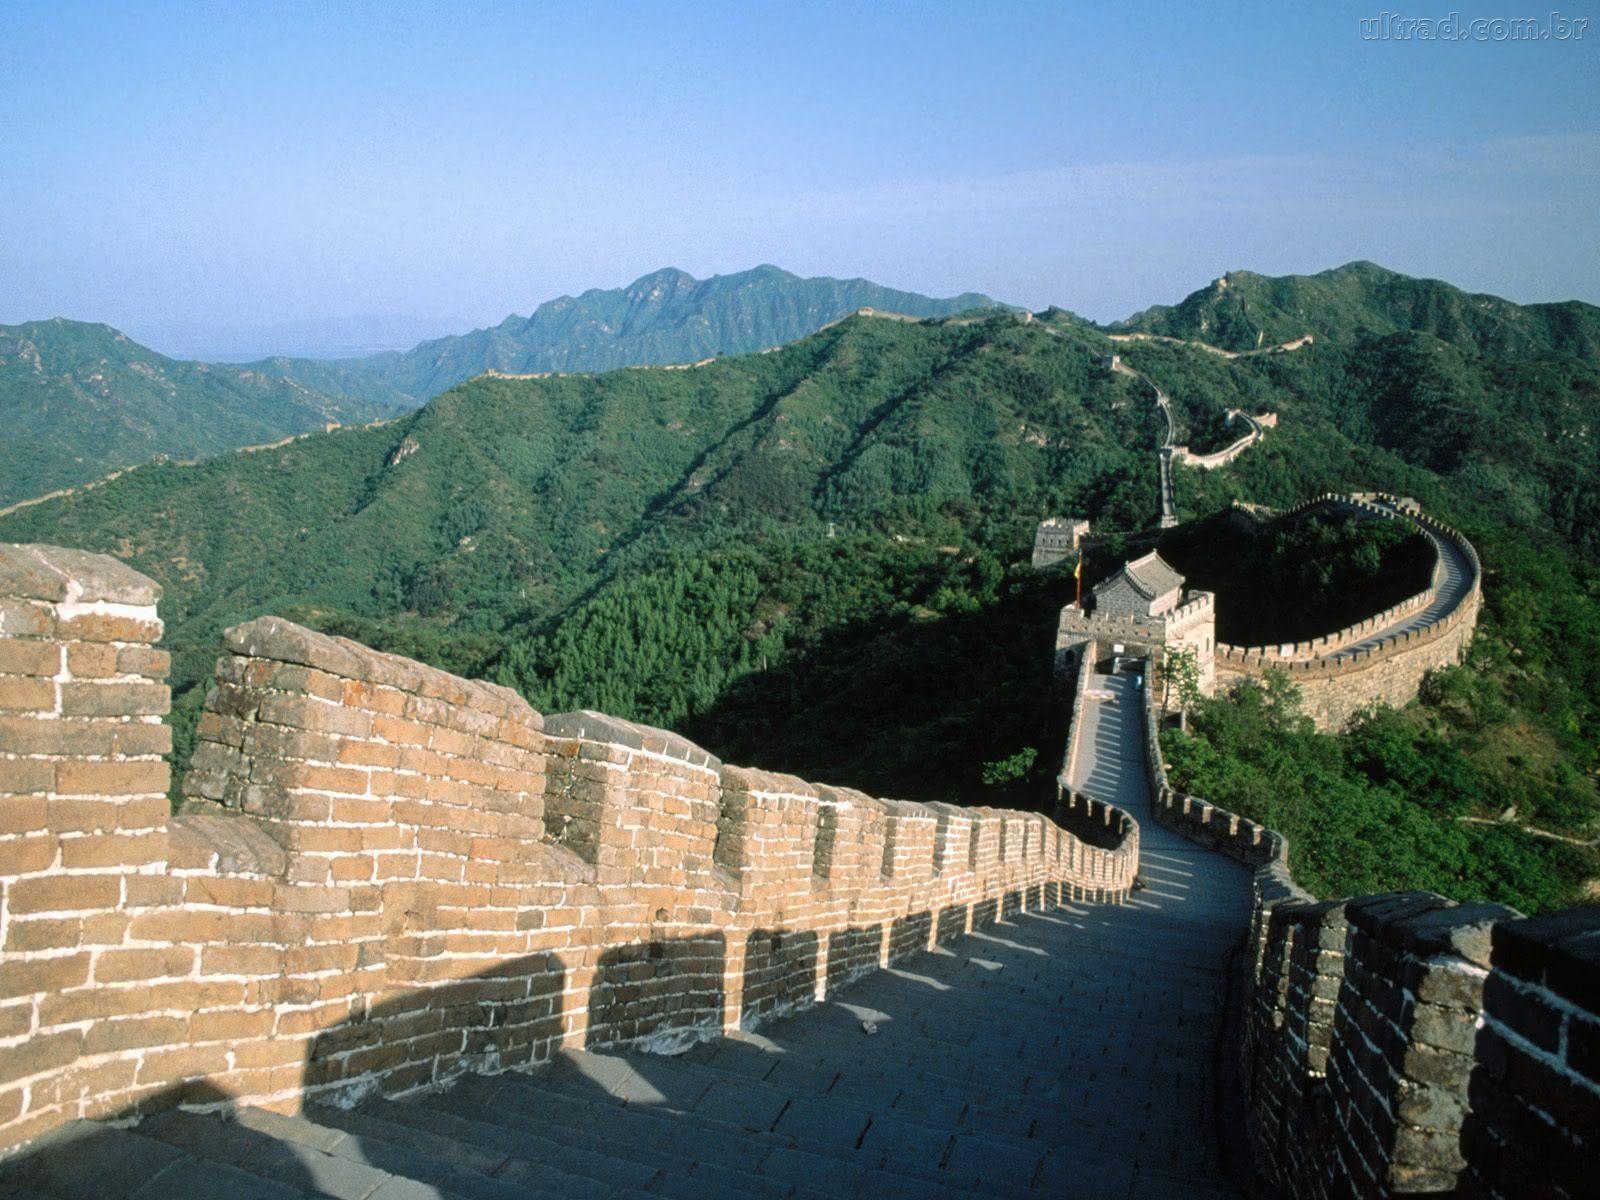 102861_Papel-de-Parede-Muralhas-da-China--102861_1600x1200